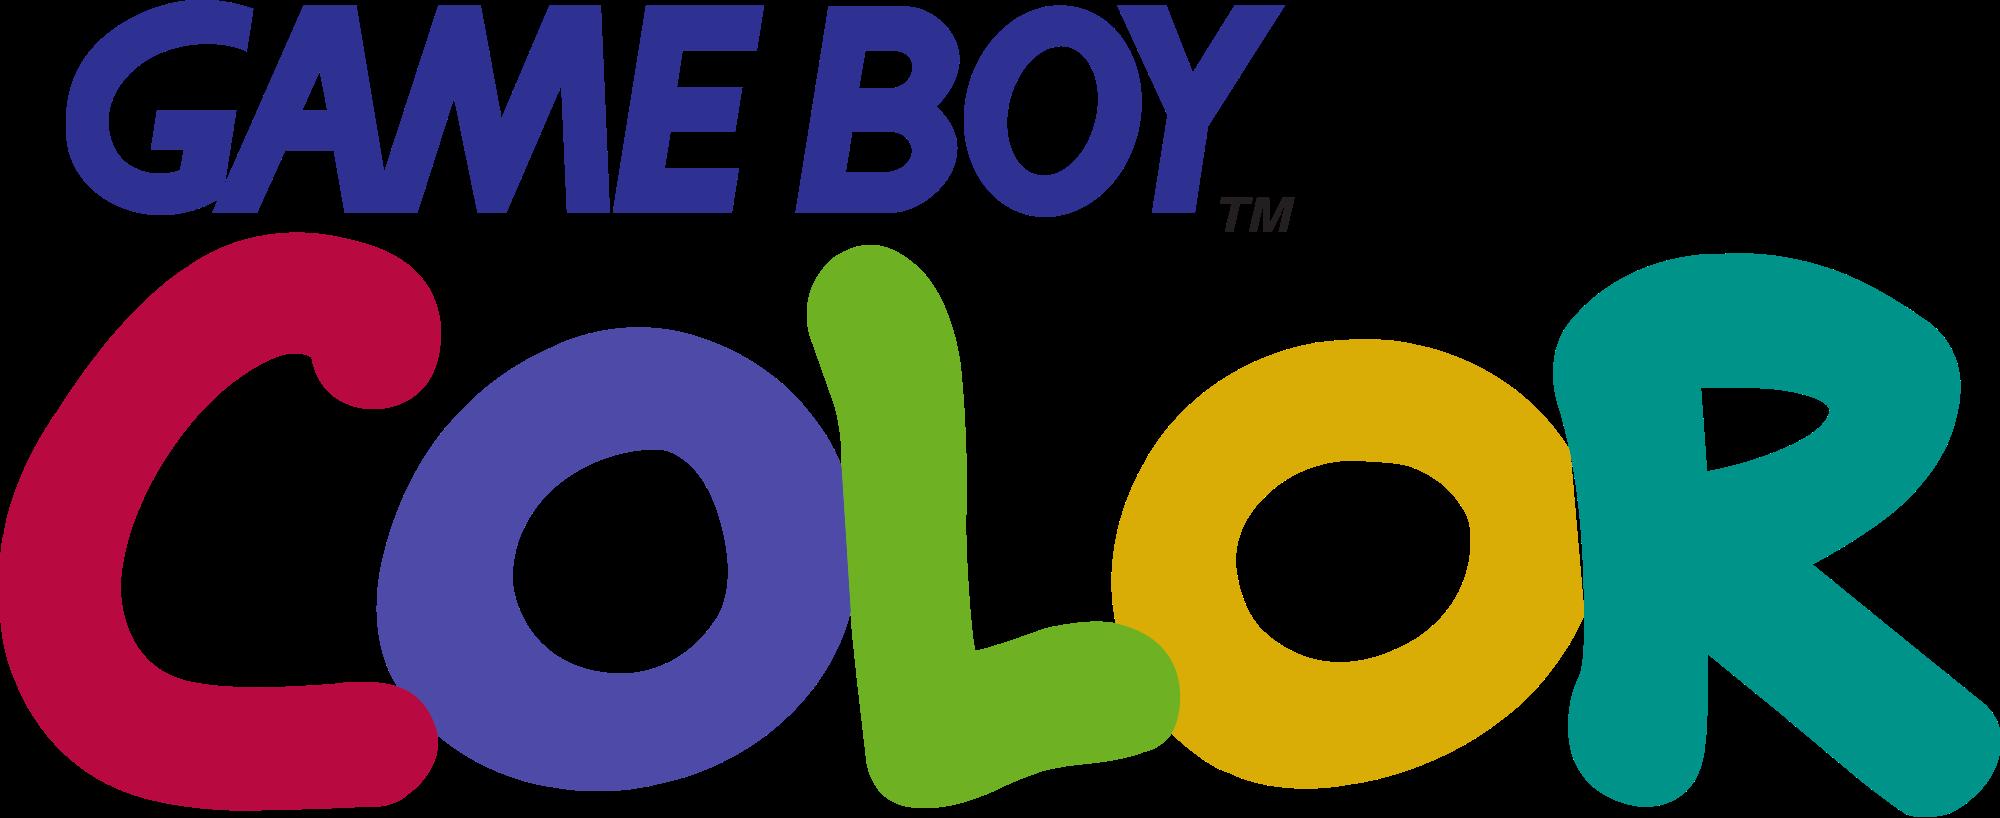 Image result for gameboy logo Gameboy, Logos, Smash bros wii